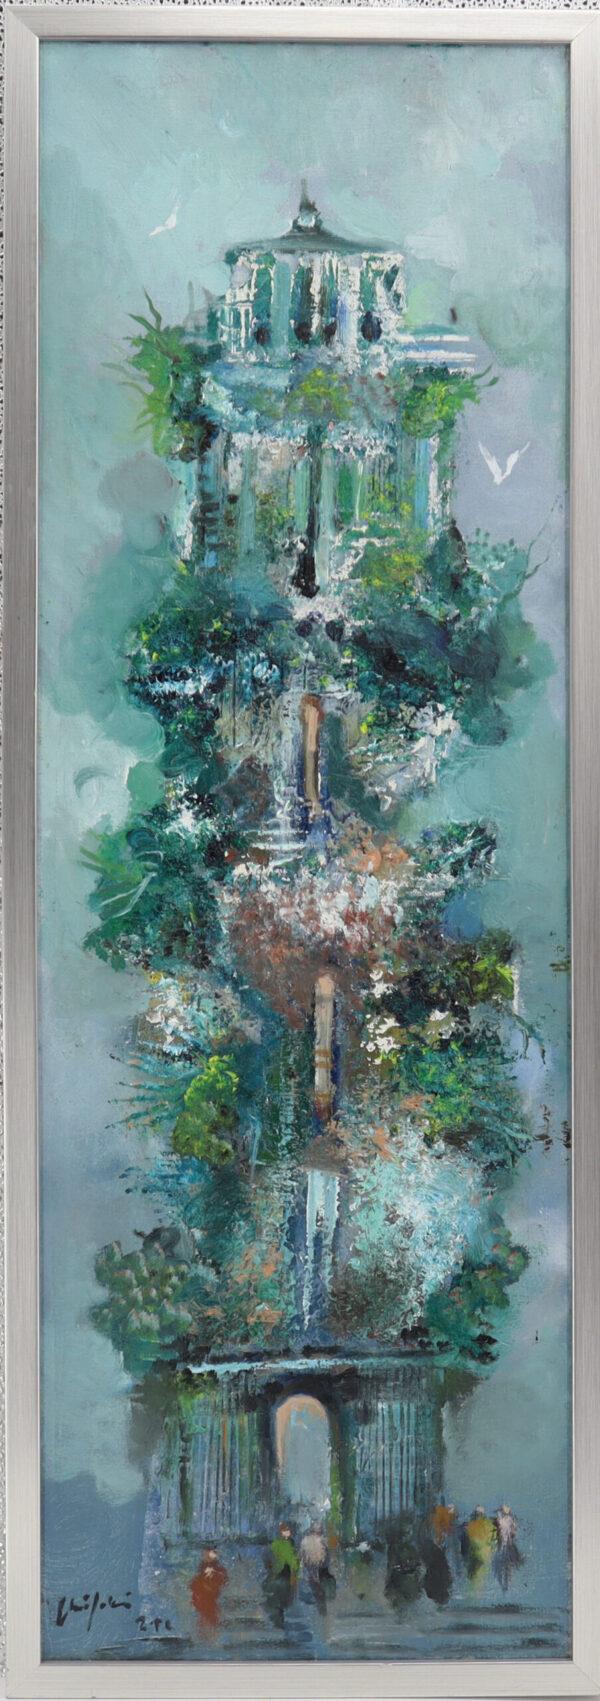 Olli Joki - Sininen palatsi